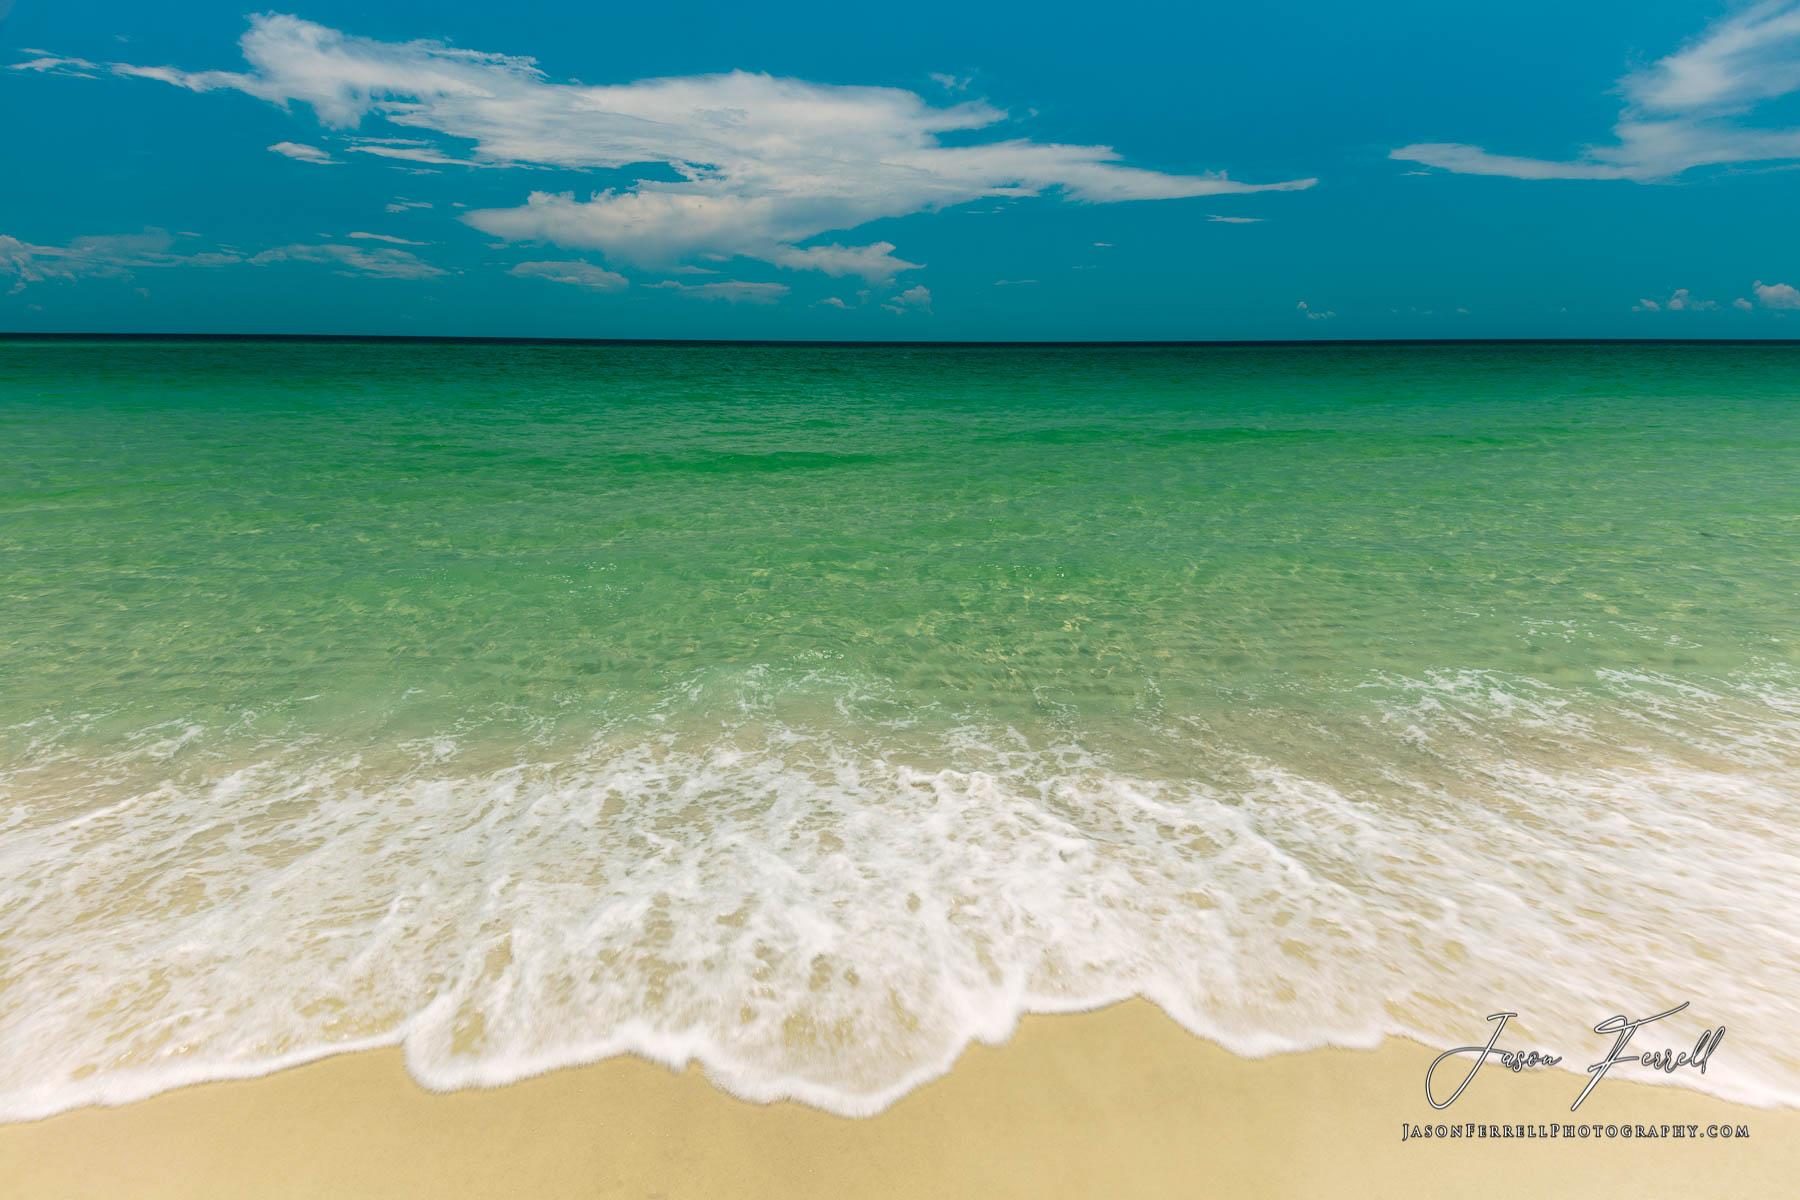 summer, beach, water, ocean, blue, green, white, santa rosa island, photo